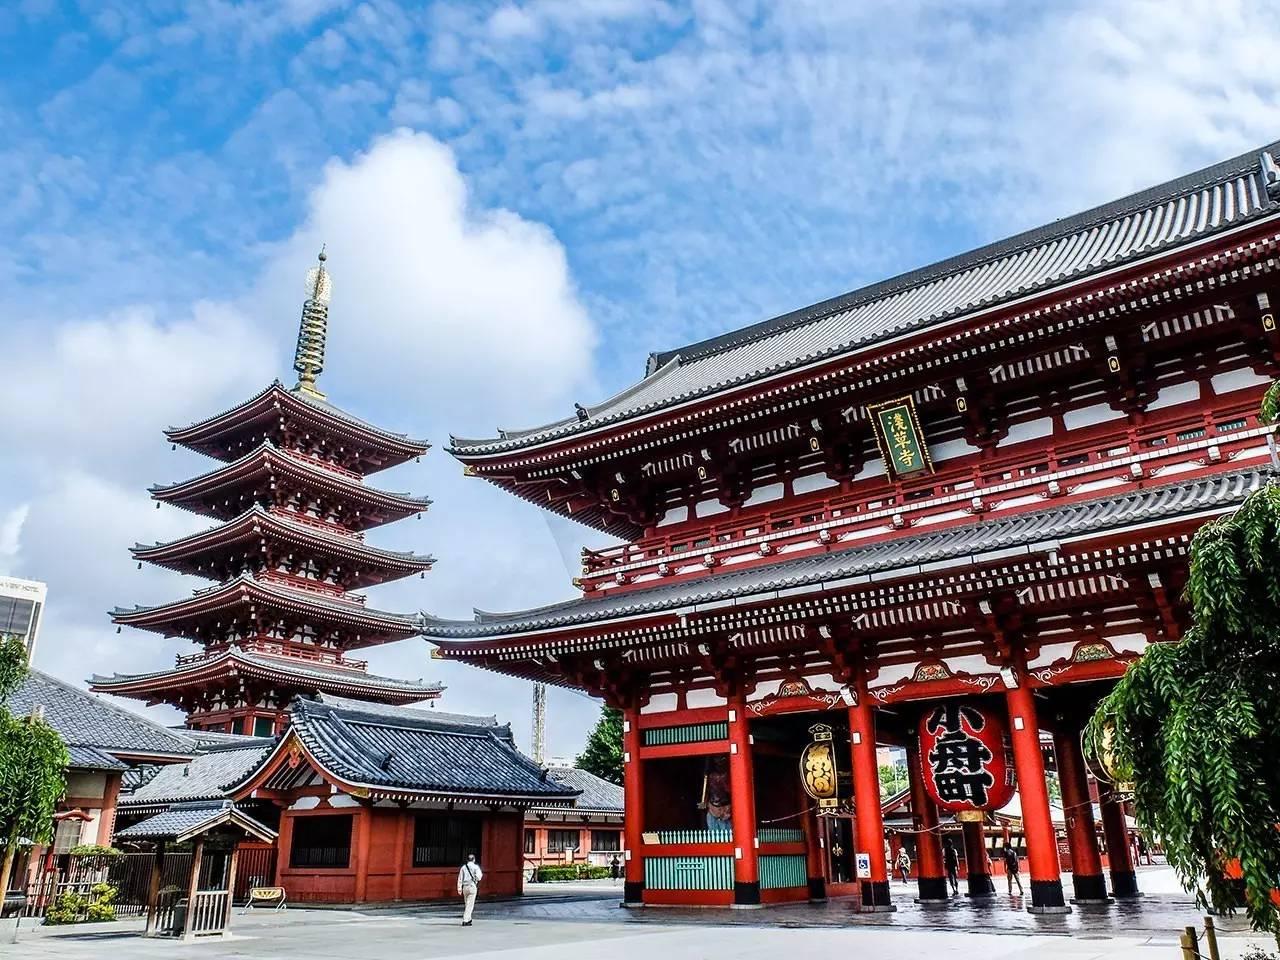 提醒|中国驻日本使馆提醒游客注意出行安全